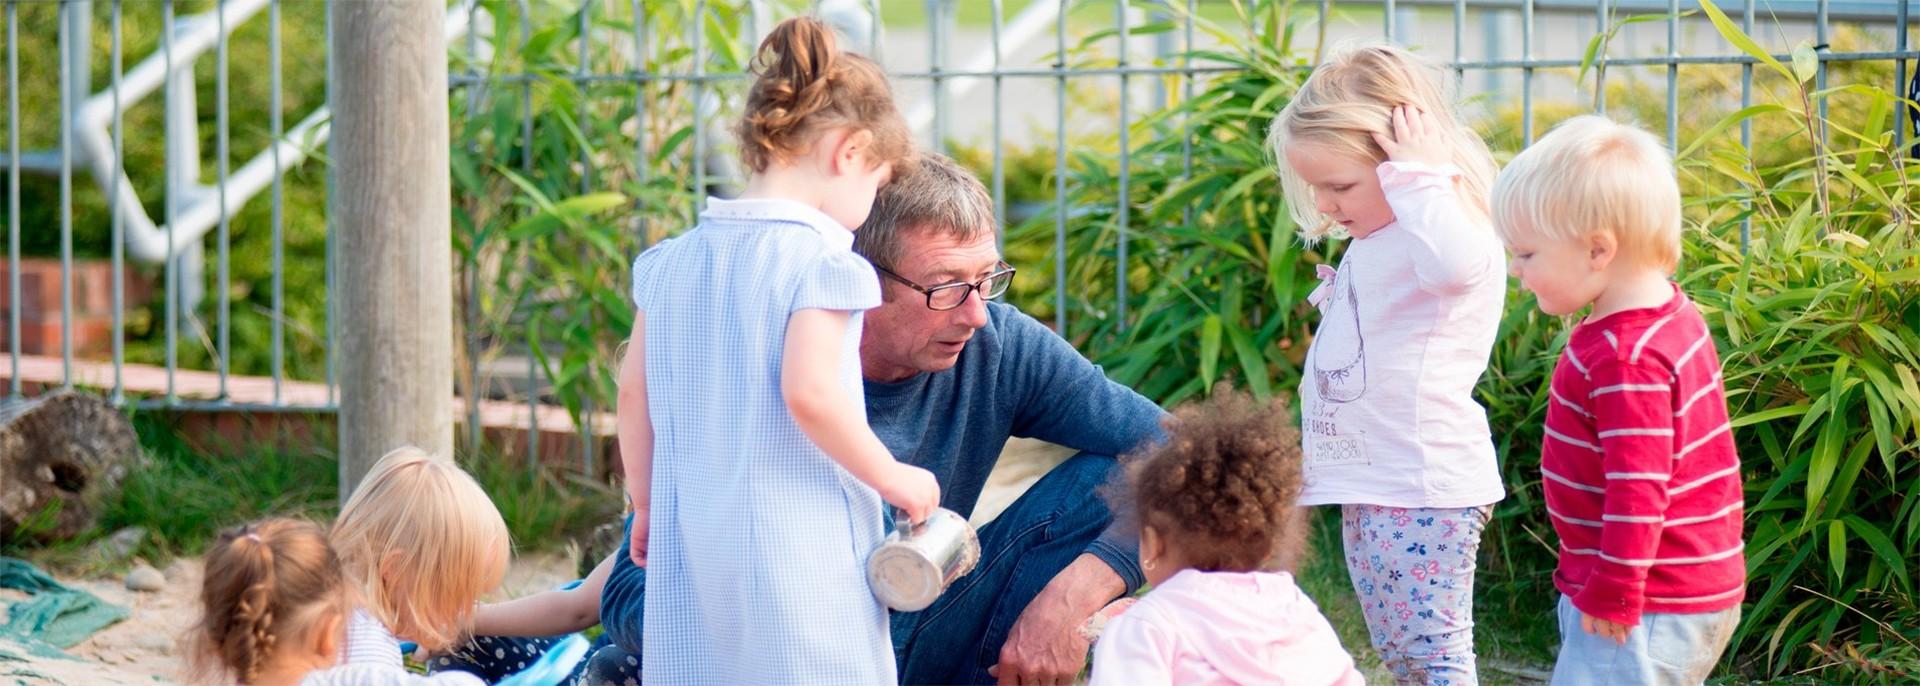 Adderley Children Centre In The News